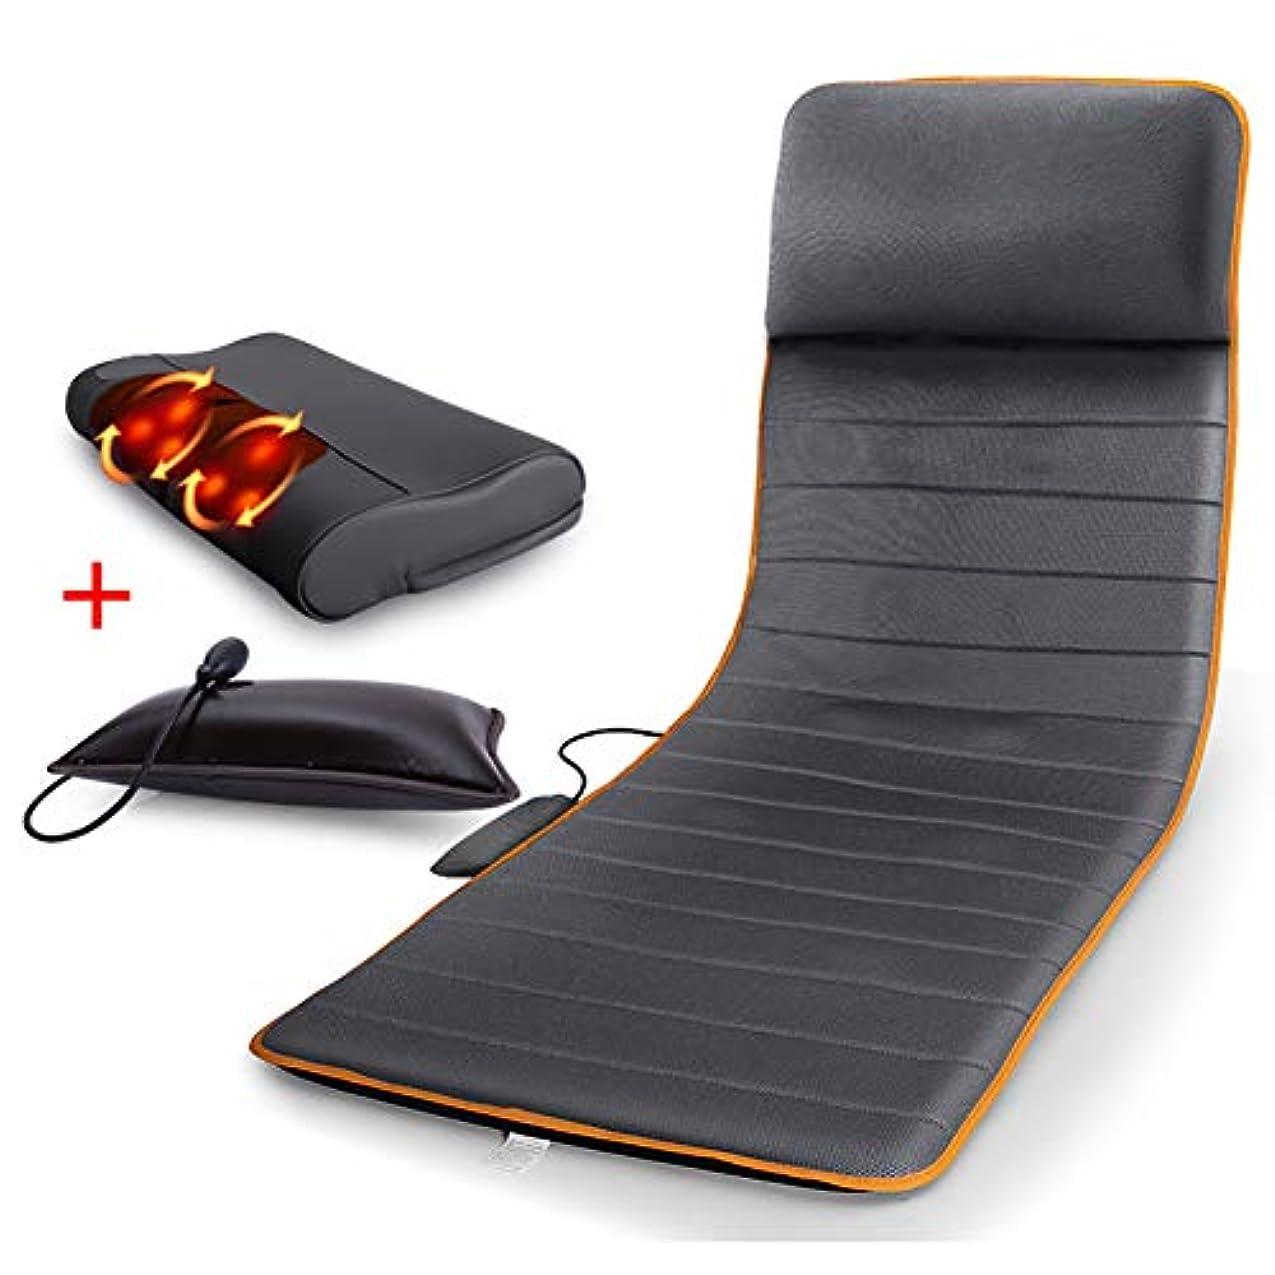 部プランテーションヨーグルト多機能ボディ電気毛布ベッドマッサージシートクッション - 熱で背中のマッサージャー、フルバックの痛みを軽減、ホームオフィスの椅子のためのマッサージチェアパッド